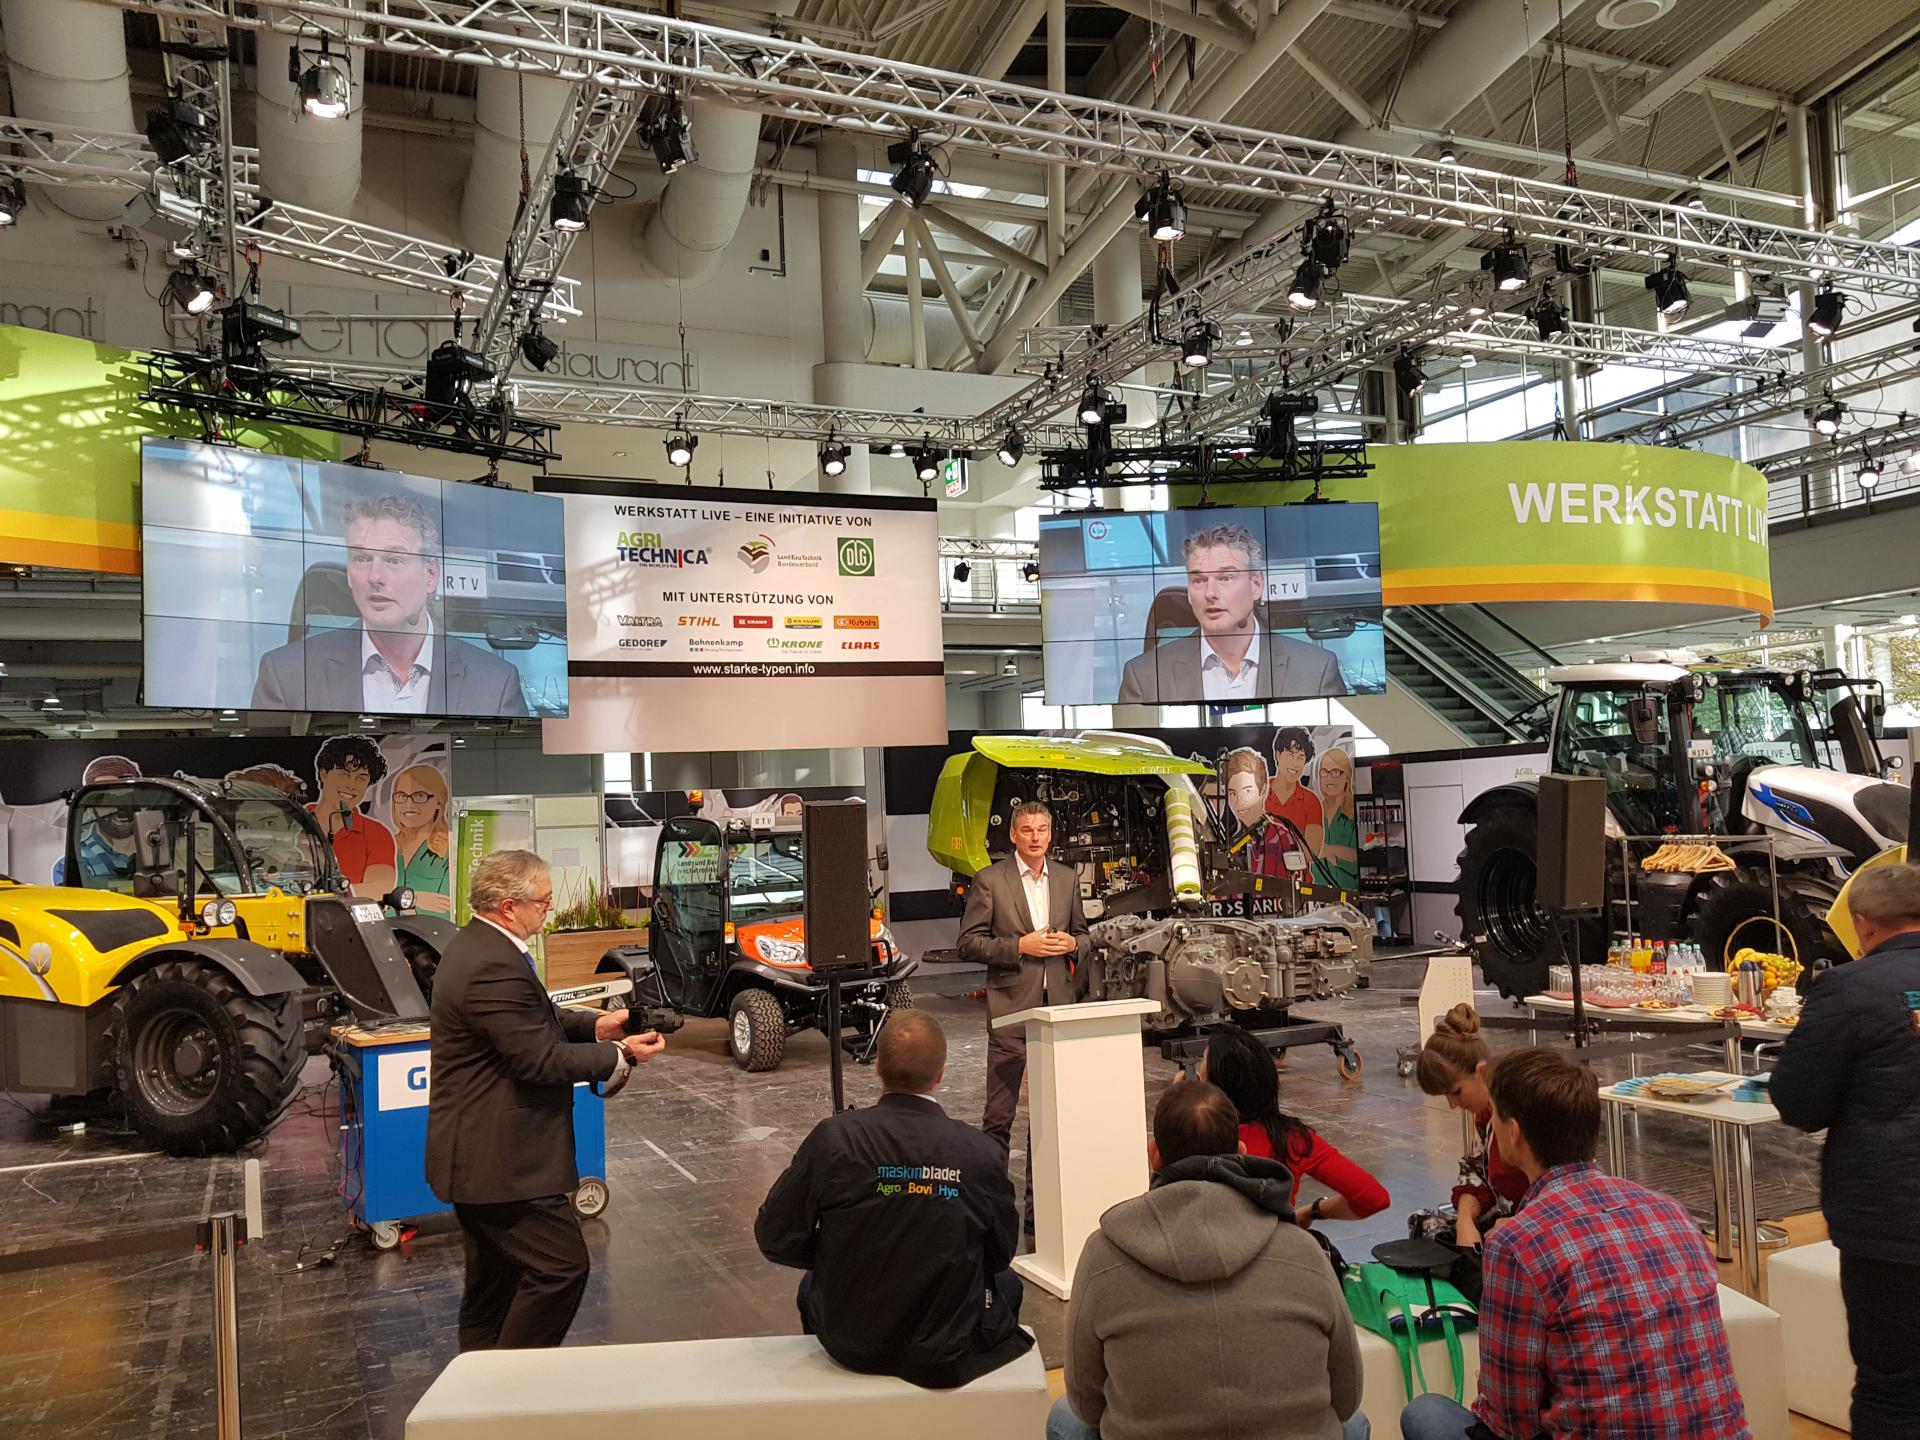 Erik_bij_persconferentie_Agritechnica_2019.jpg